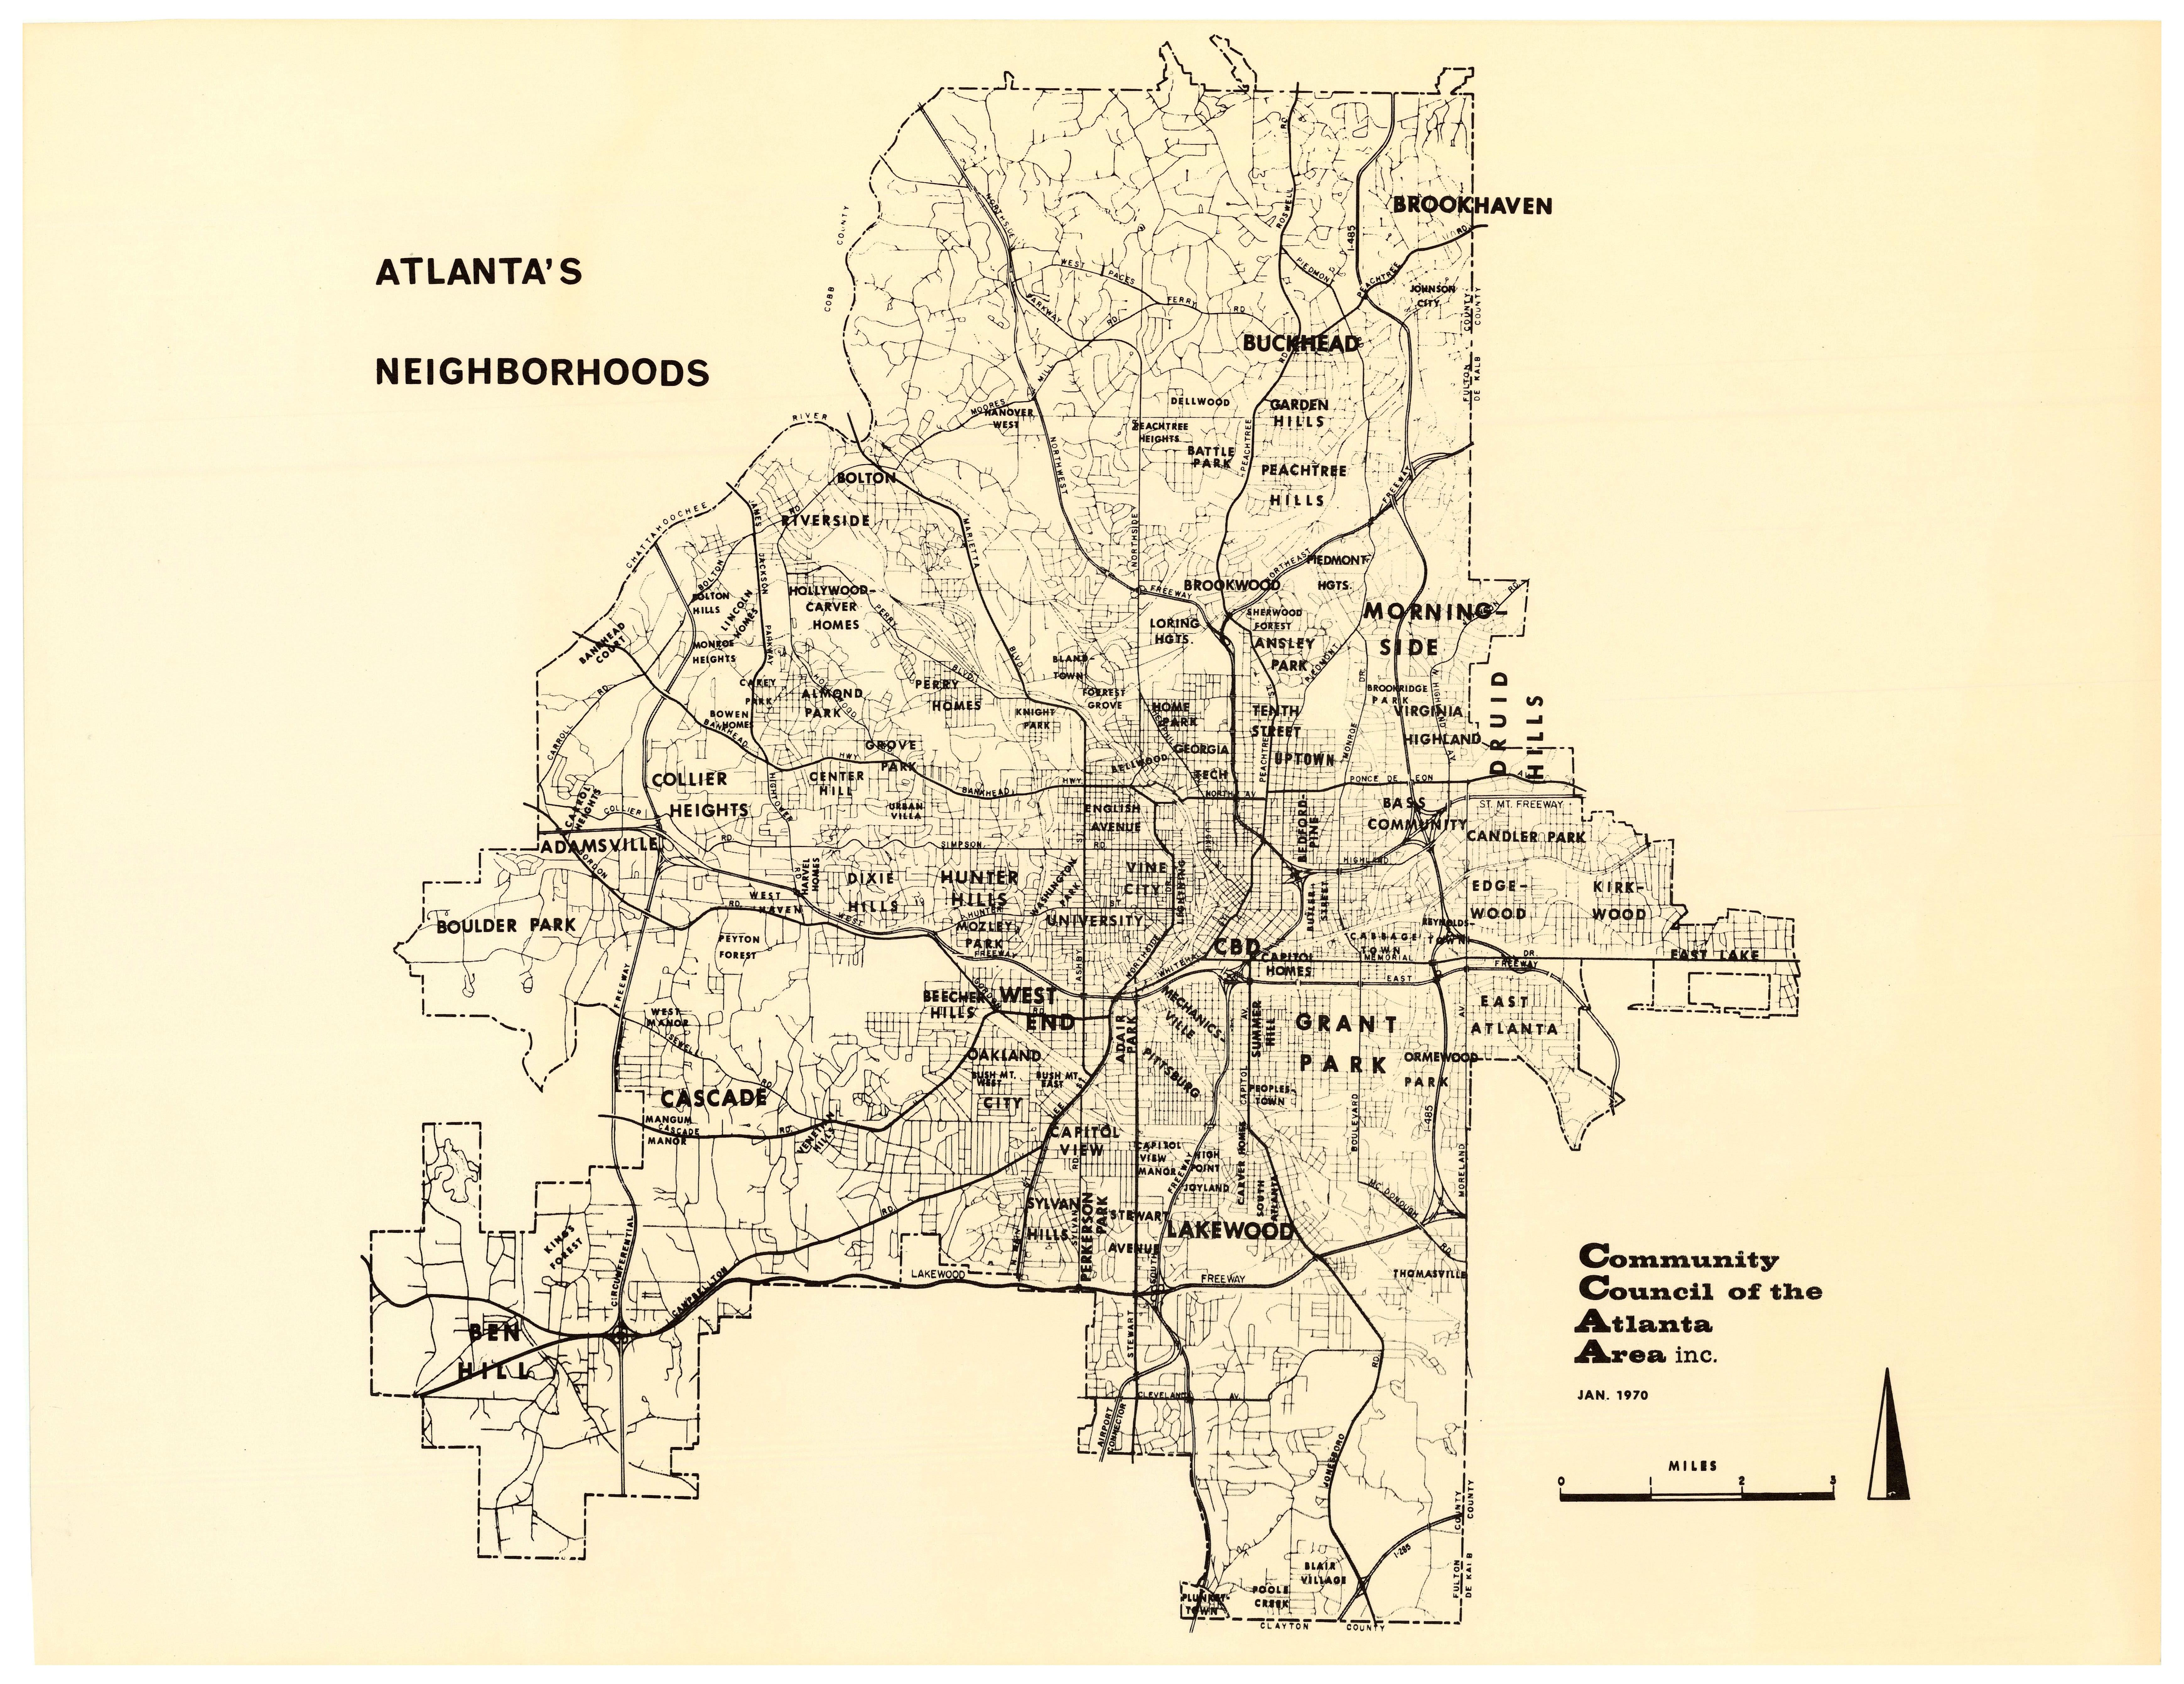 Atlanta's Neighborhoods